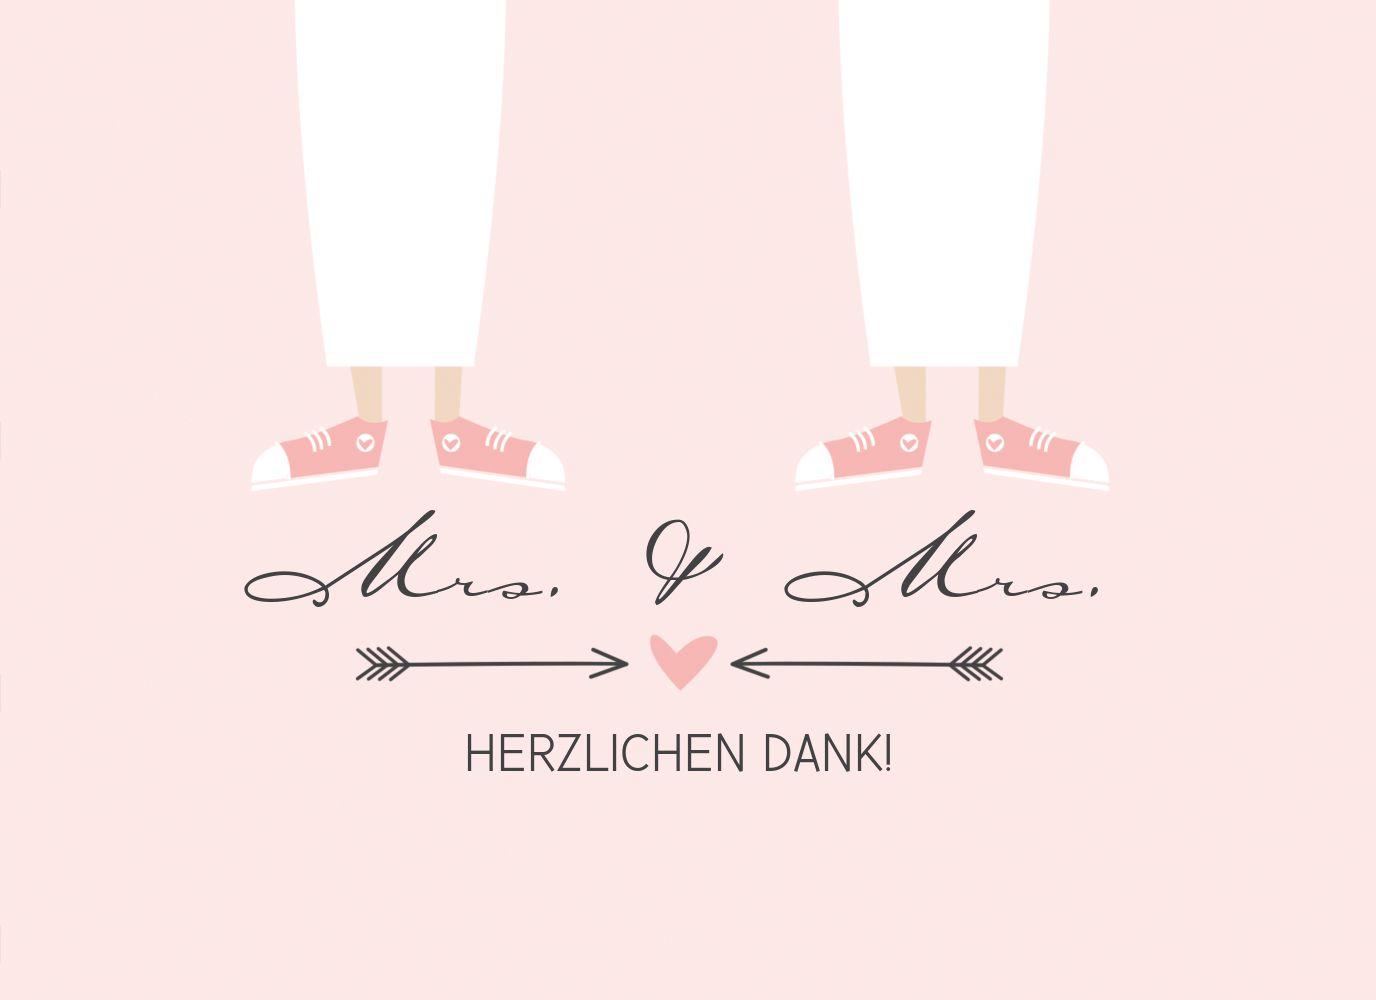 Ansicht 3 - Hochzeit Dankeskarte Pärchen - Frauen